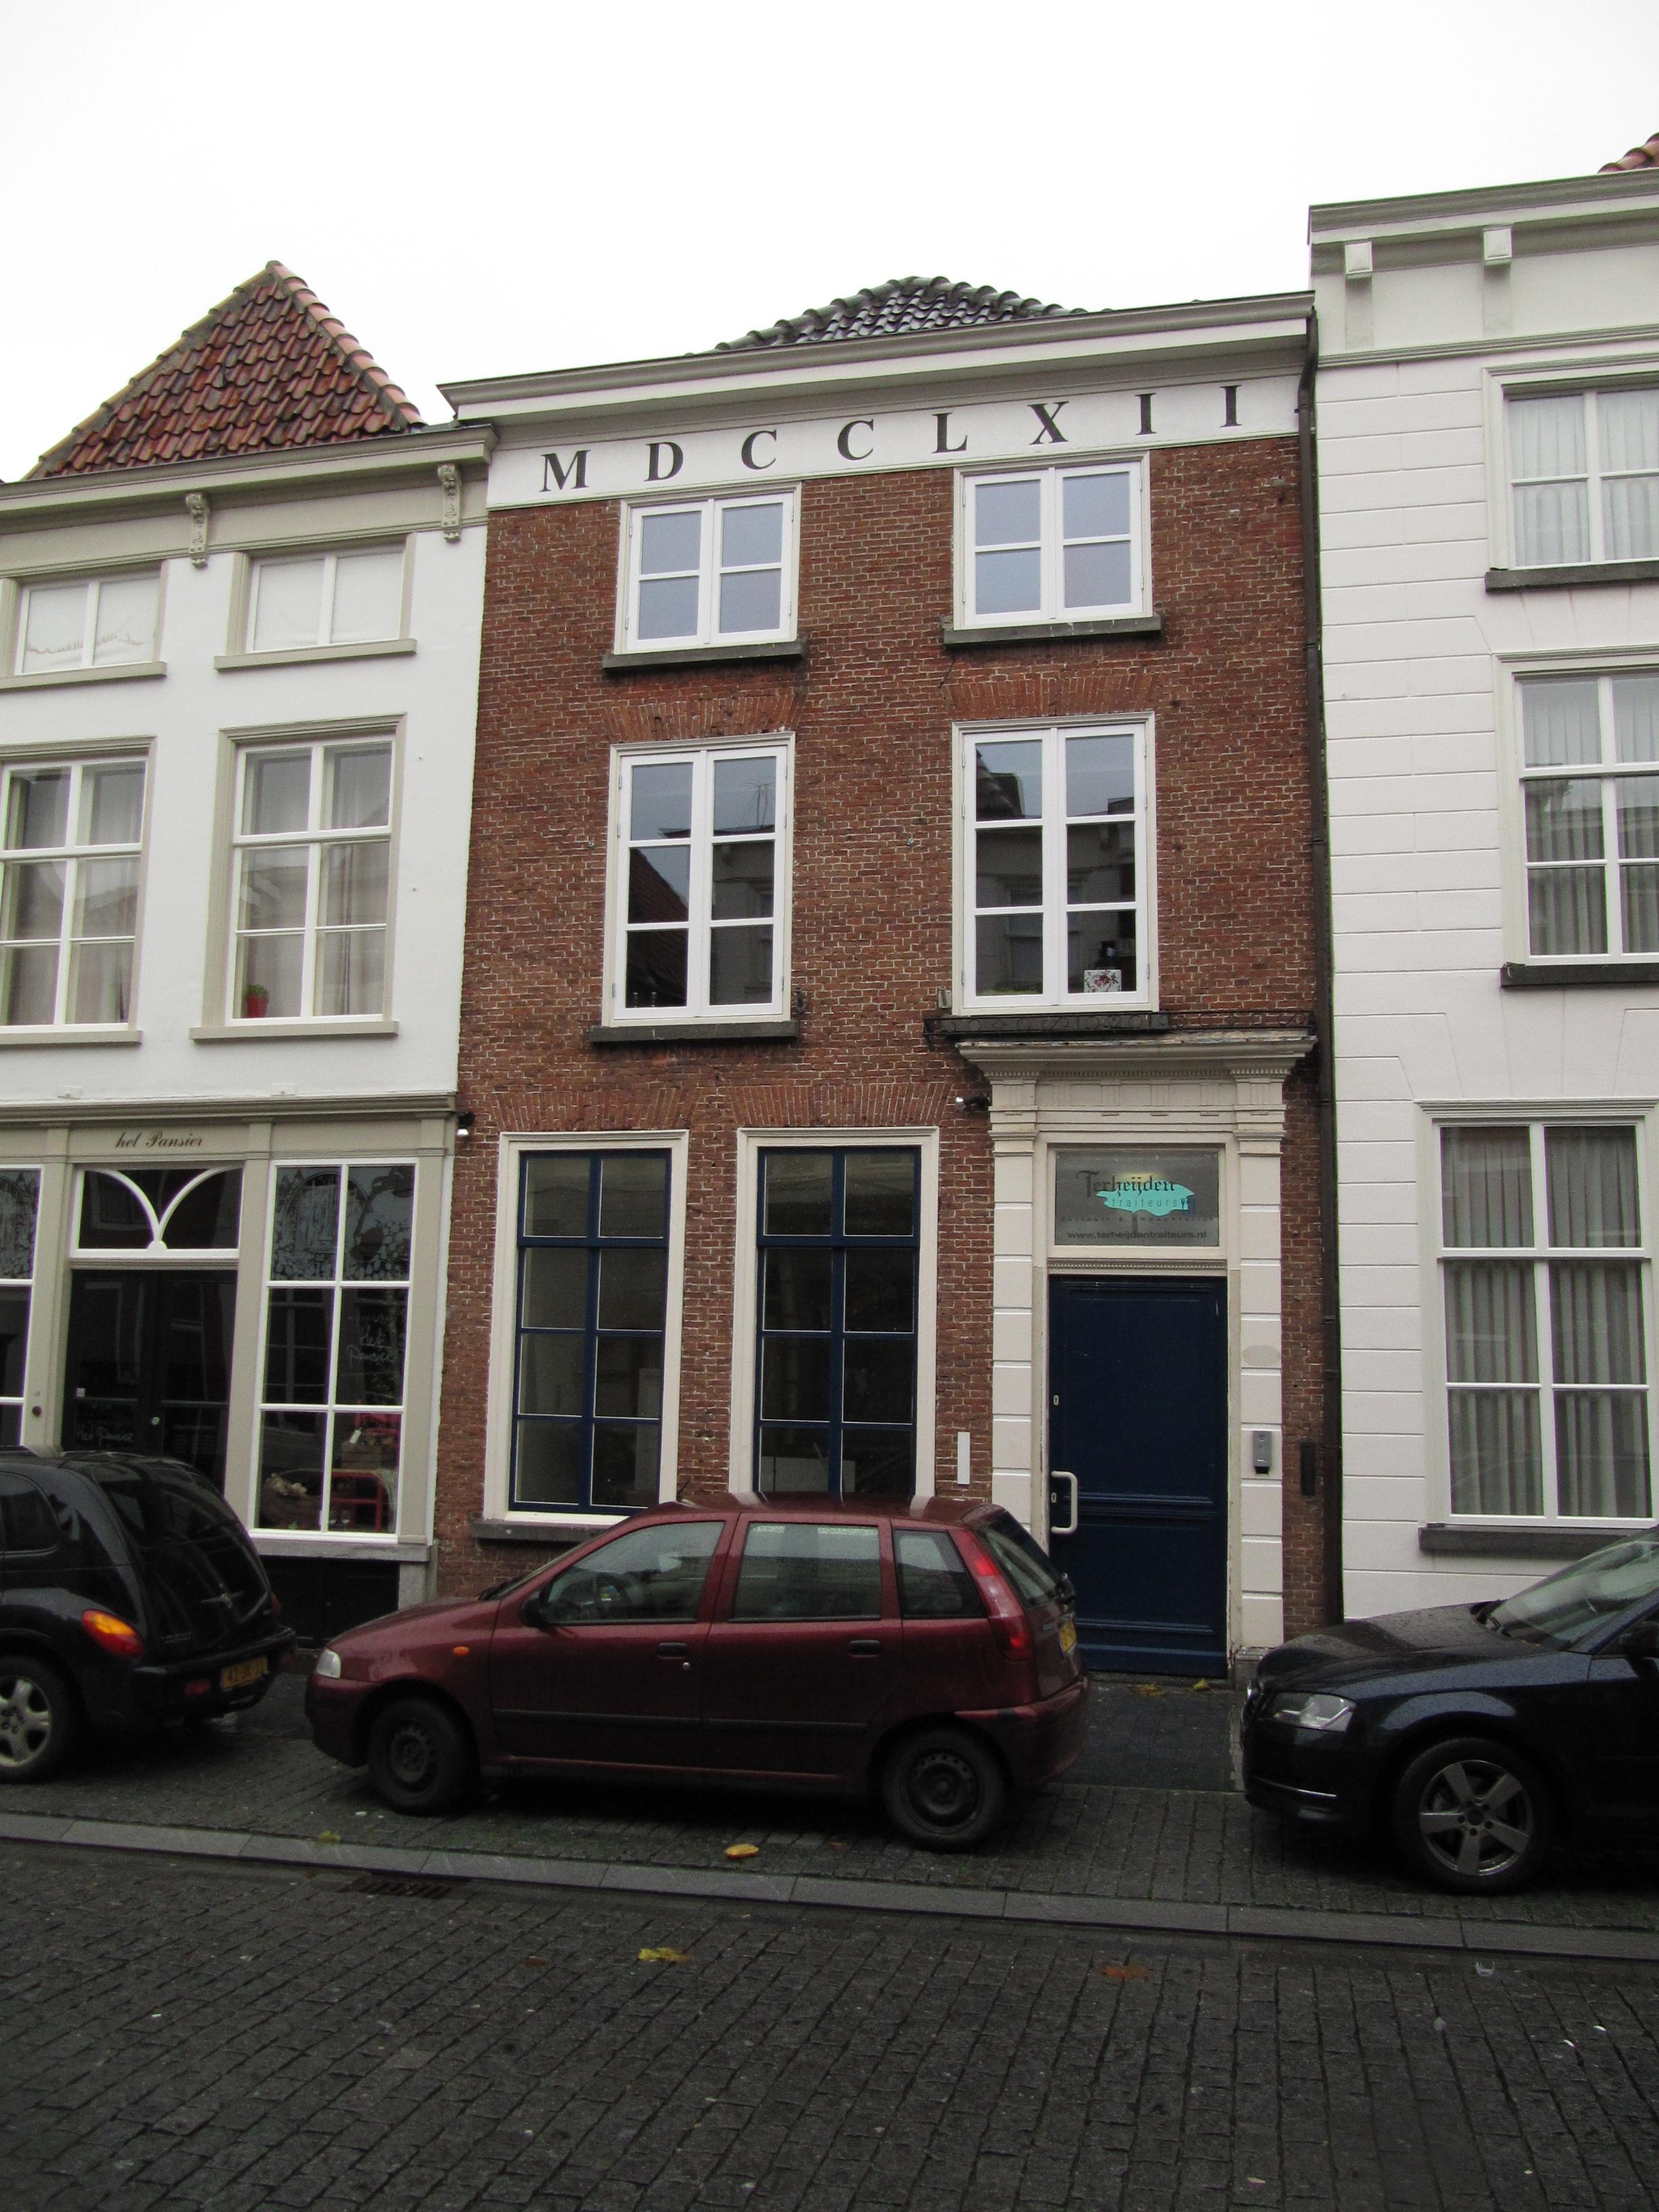 Huis met eenvoudige empire lijstgevel geelgepleisterd ingang omlijst door geblokte pilasters - Huis ingang ...